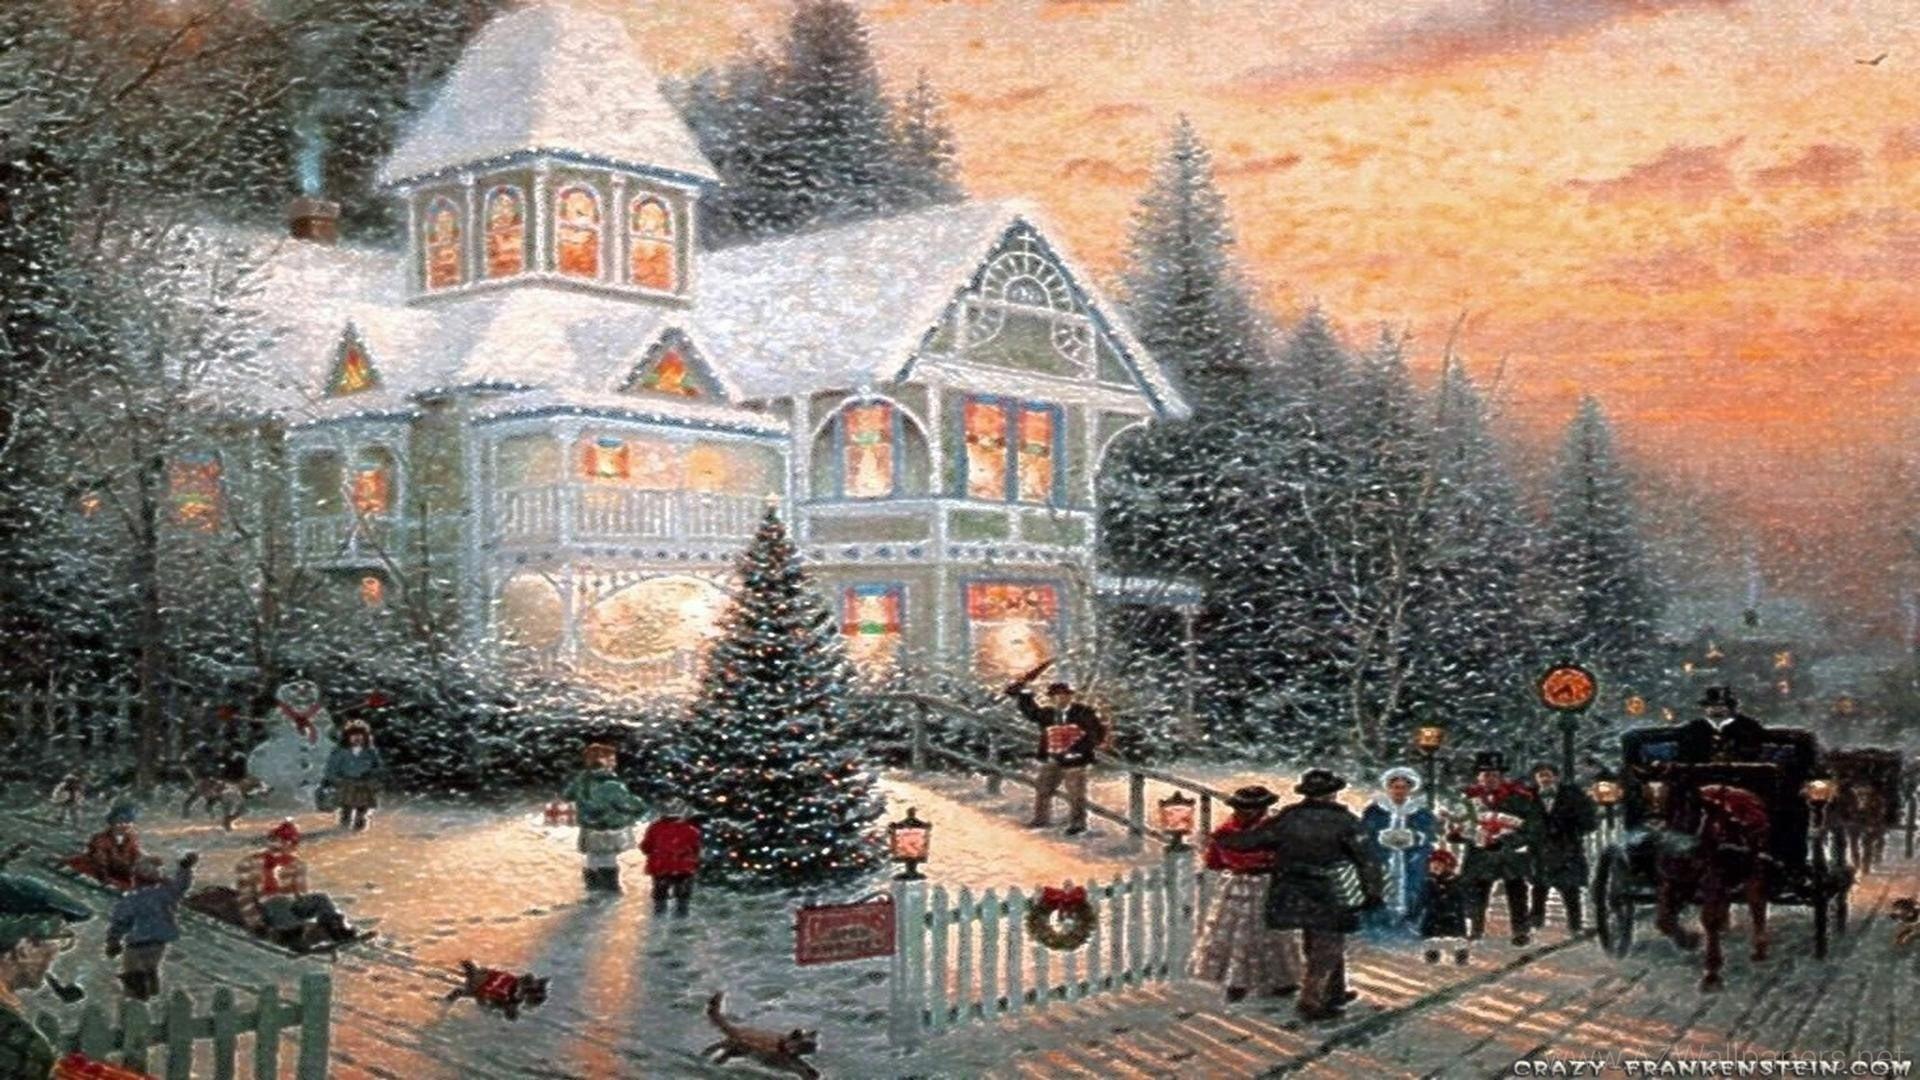 … wallpaper scenes wallpapersafari; red christmas scene 1600×900 …